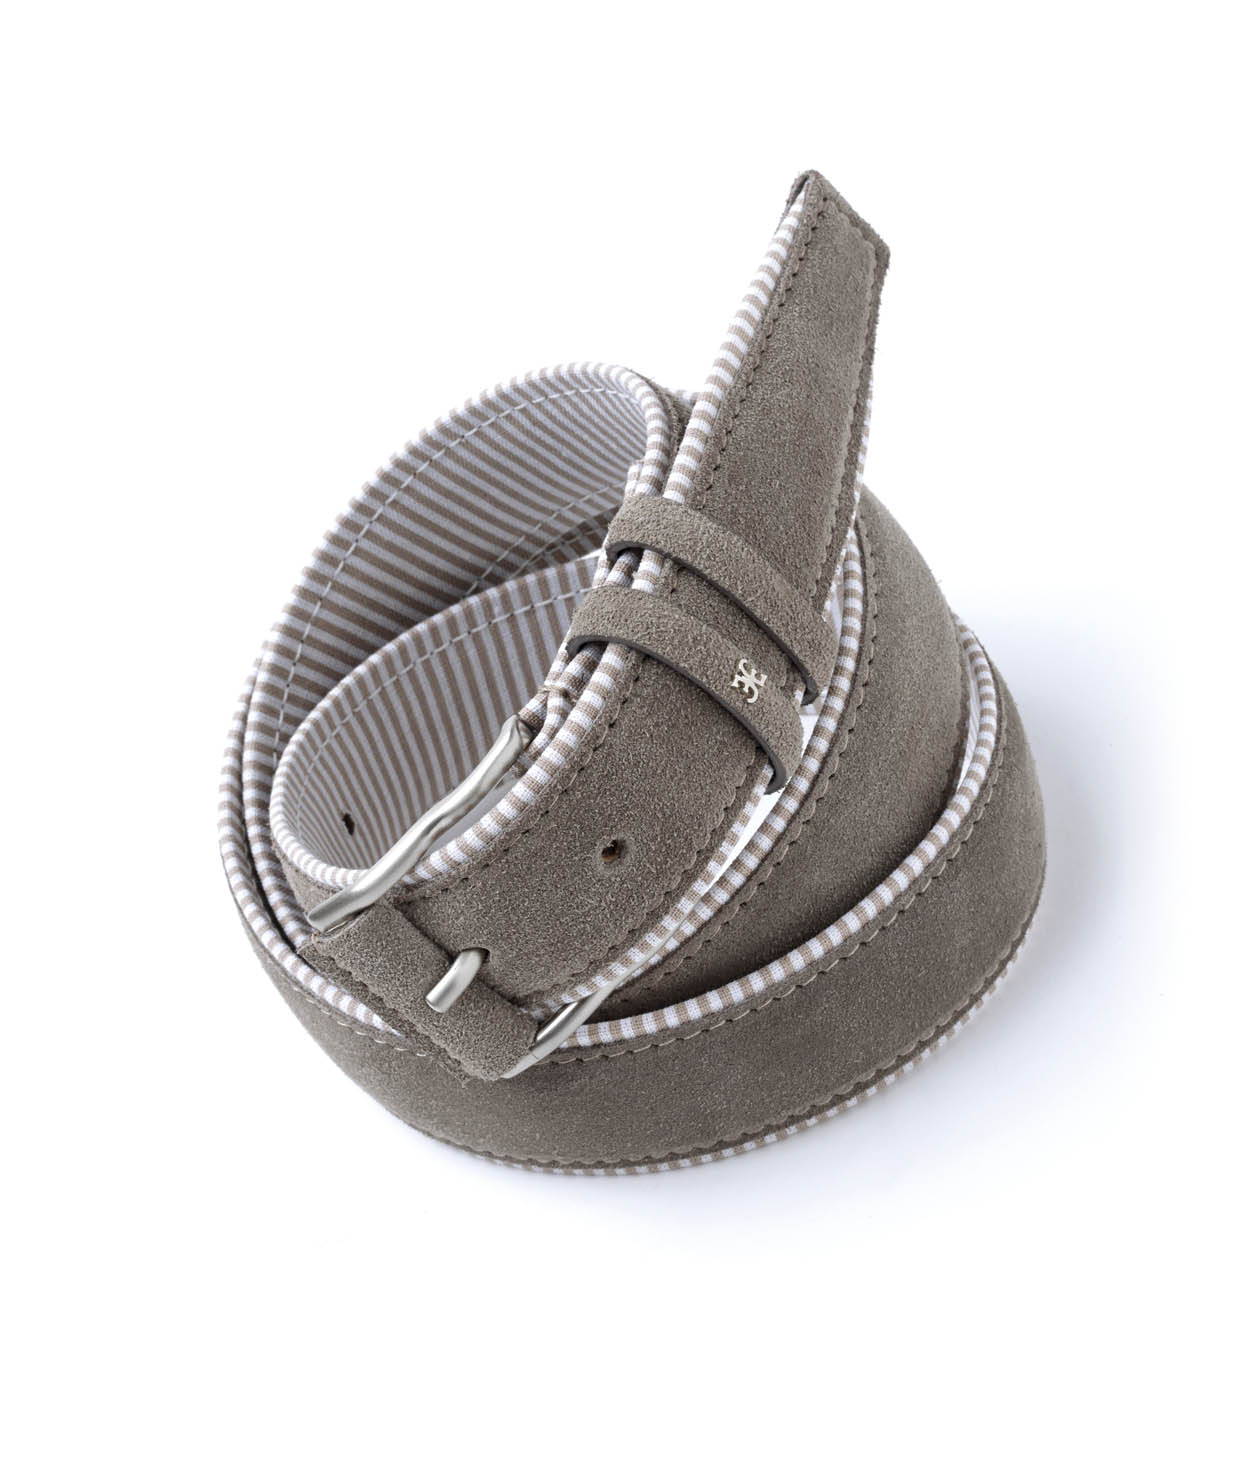 Abbinare scarpe e cintura » fabishoes 23ca996a3437